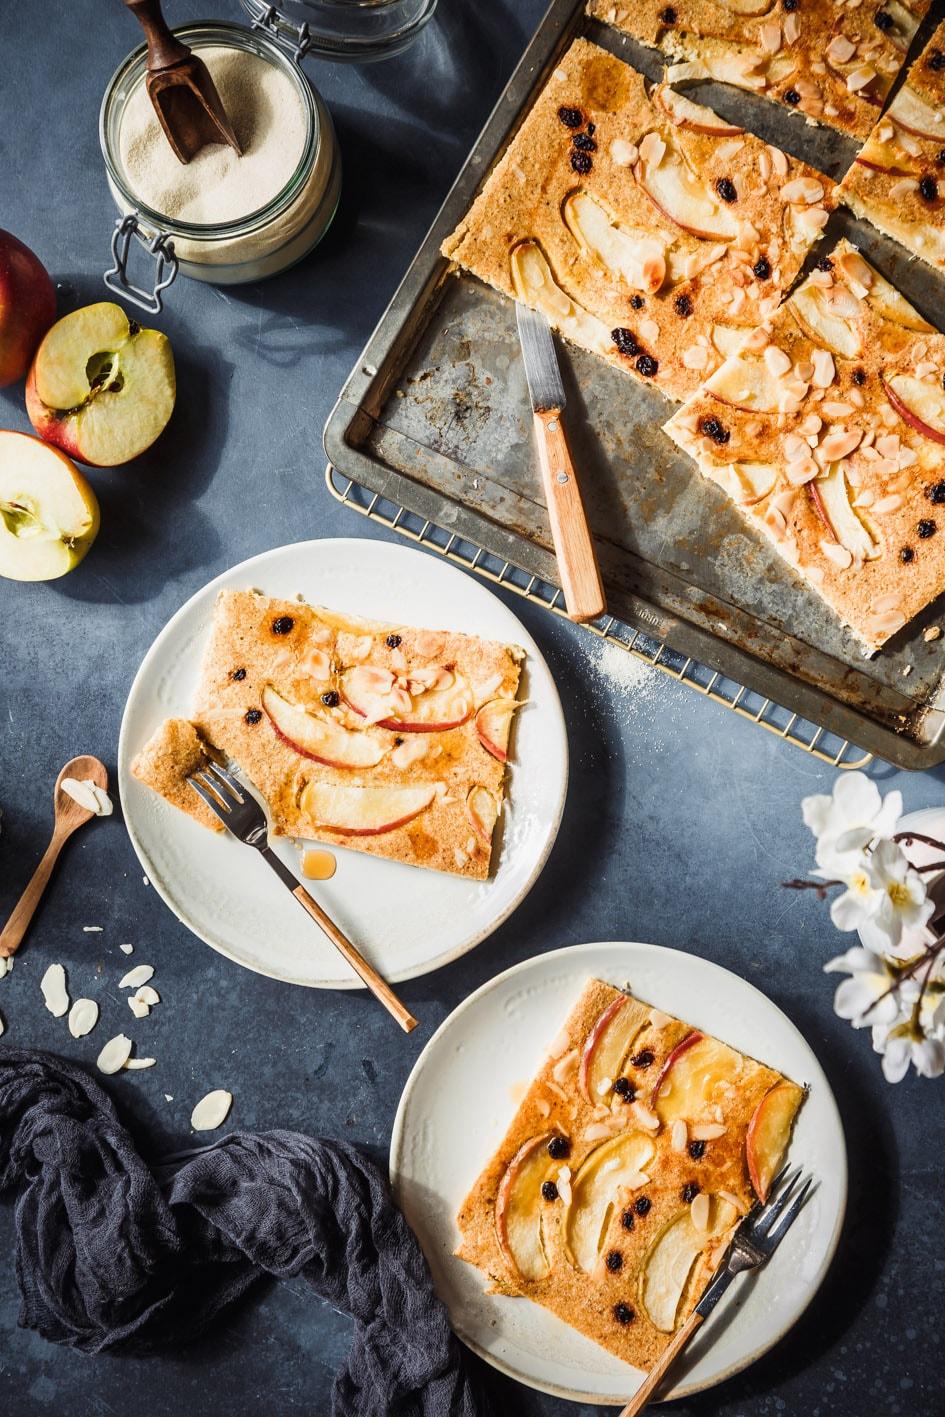 Apfel-Pfannkuchen aus dem Ofen auf Tellern angerichtet